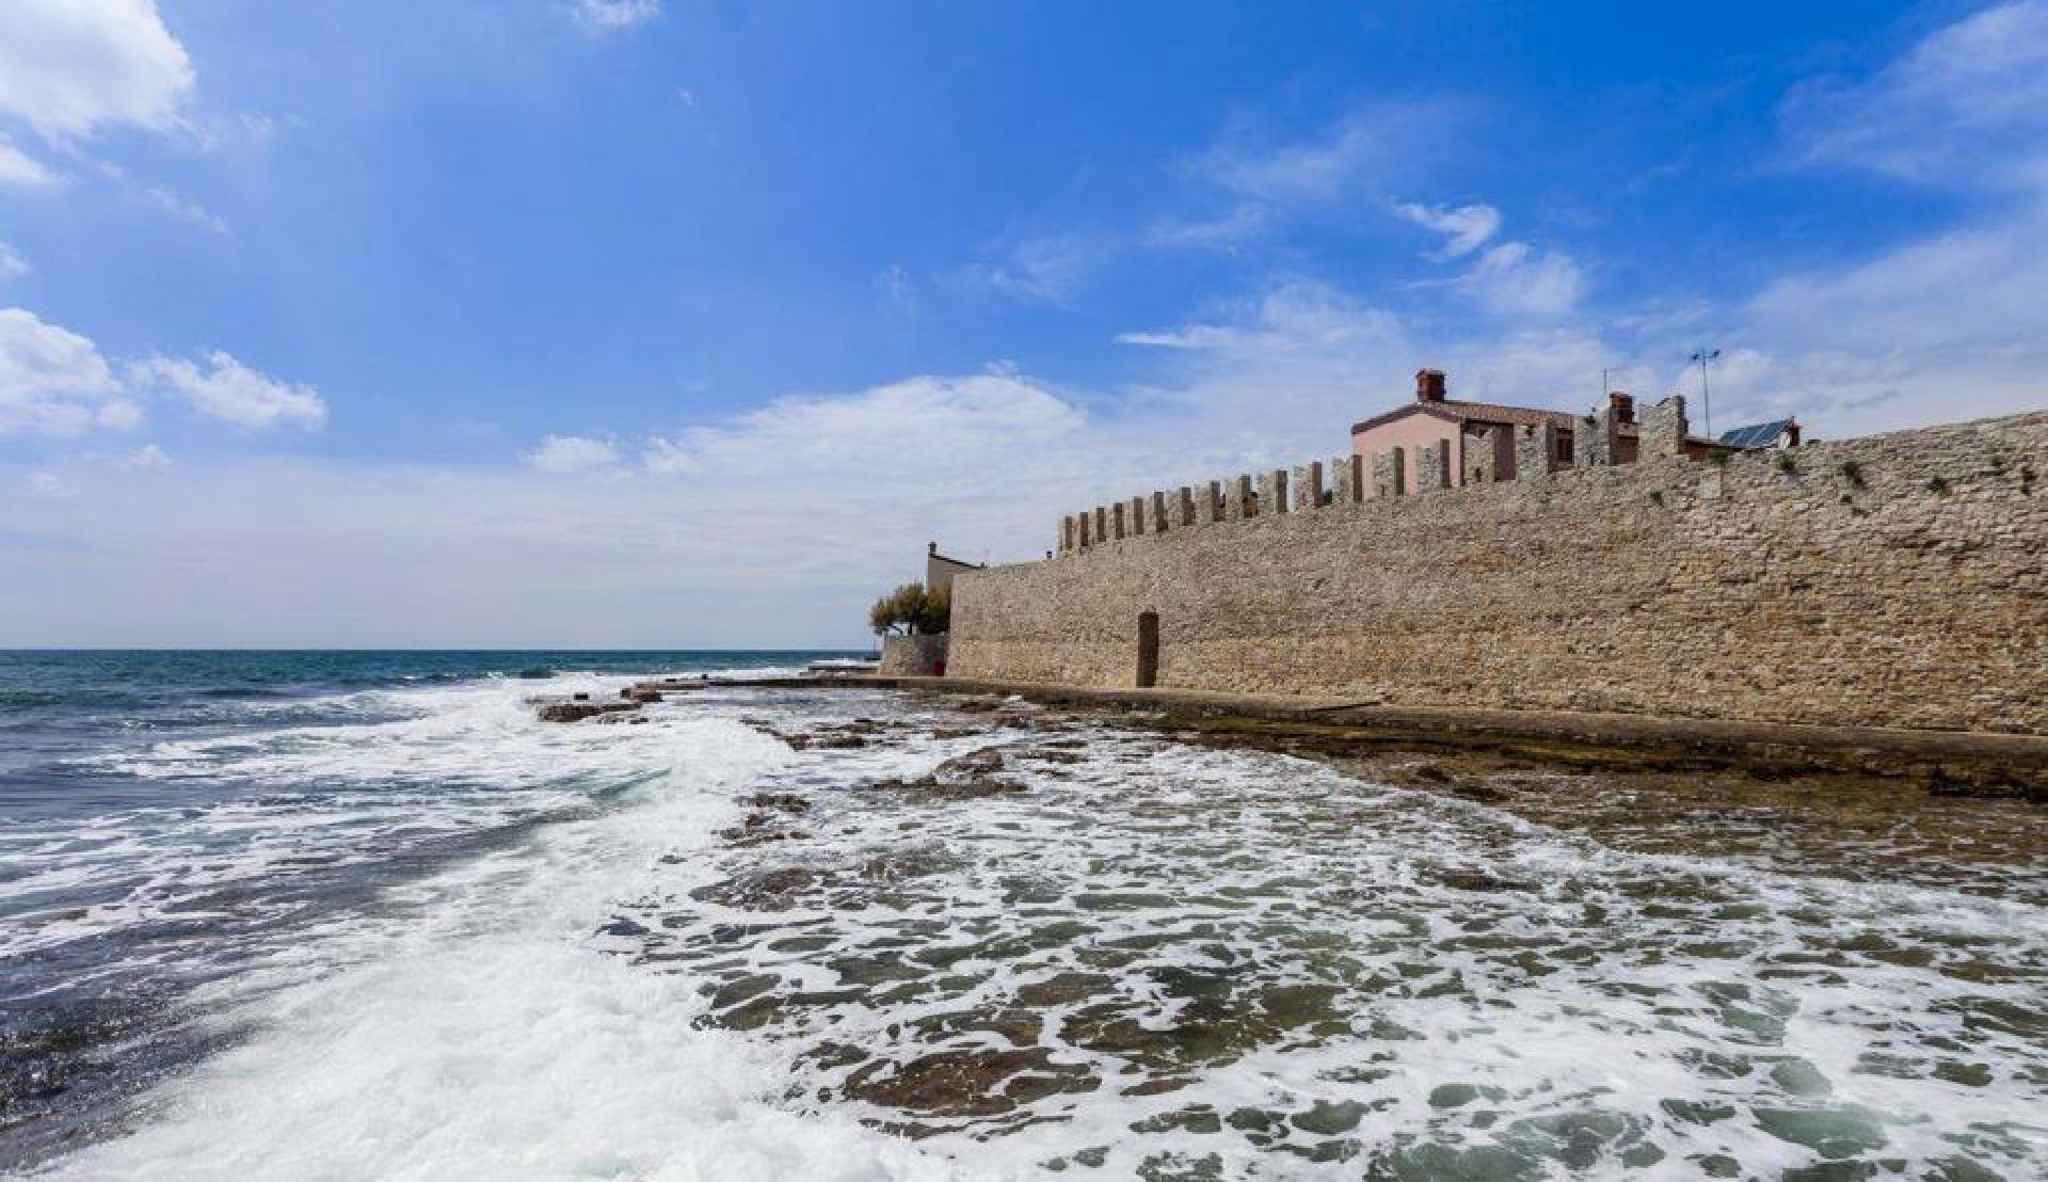 Ferienwohnung nur 50 m zur Adria (278904), Zadar, , Dalmatien, Kroatien, Bild 29